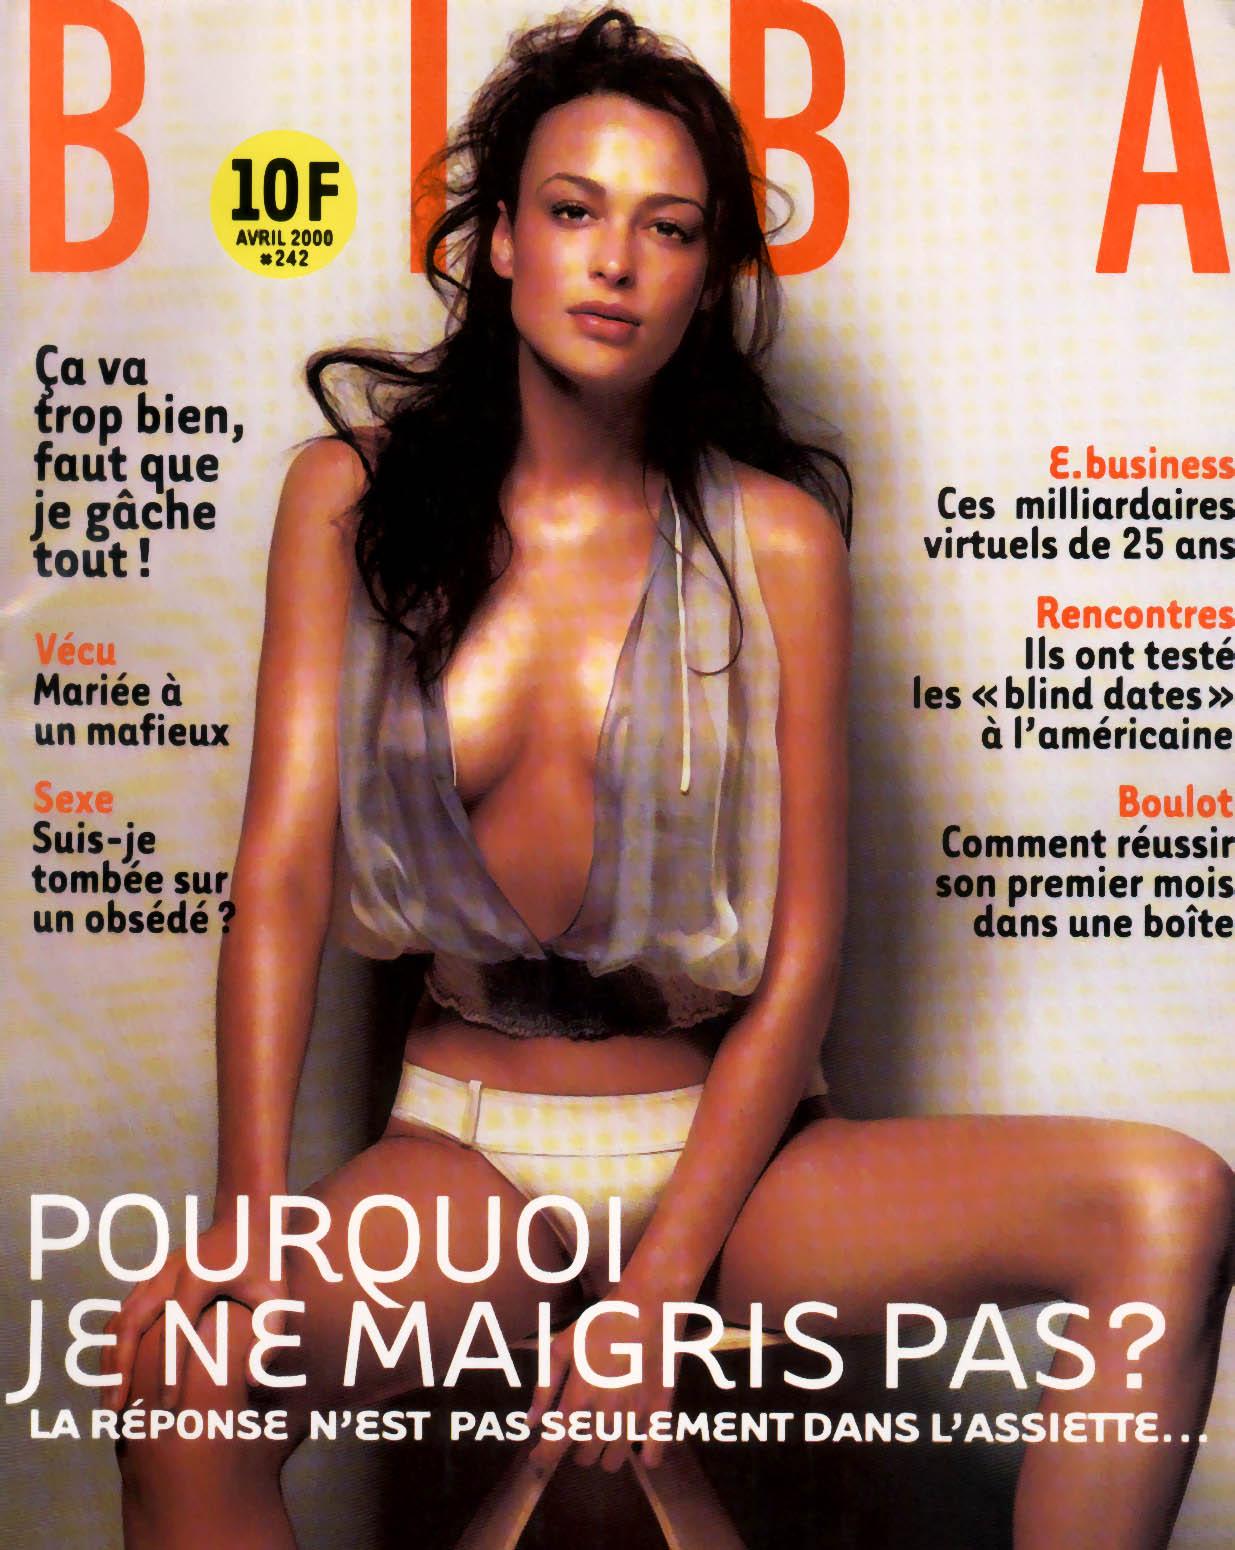 2000 BIBA Avril 2000 - Couve.jpg